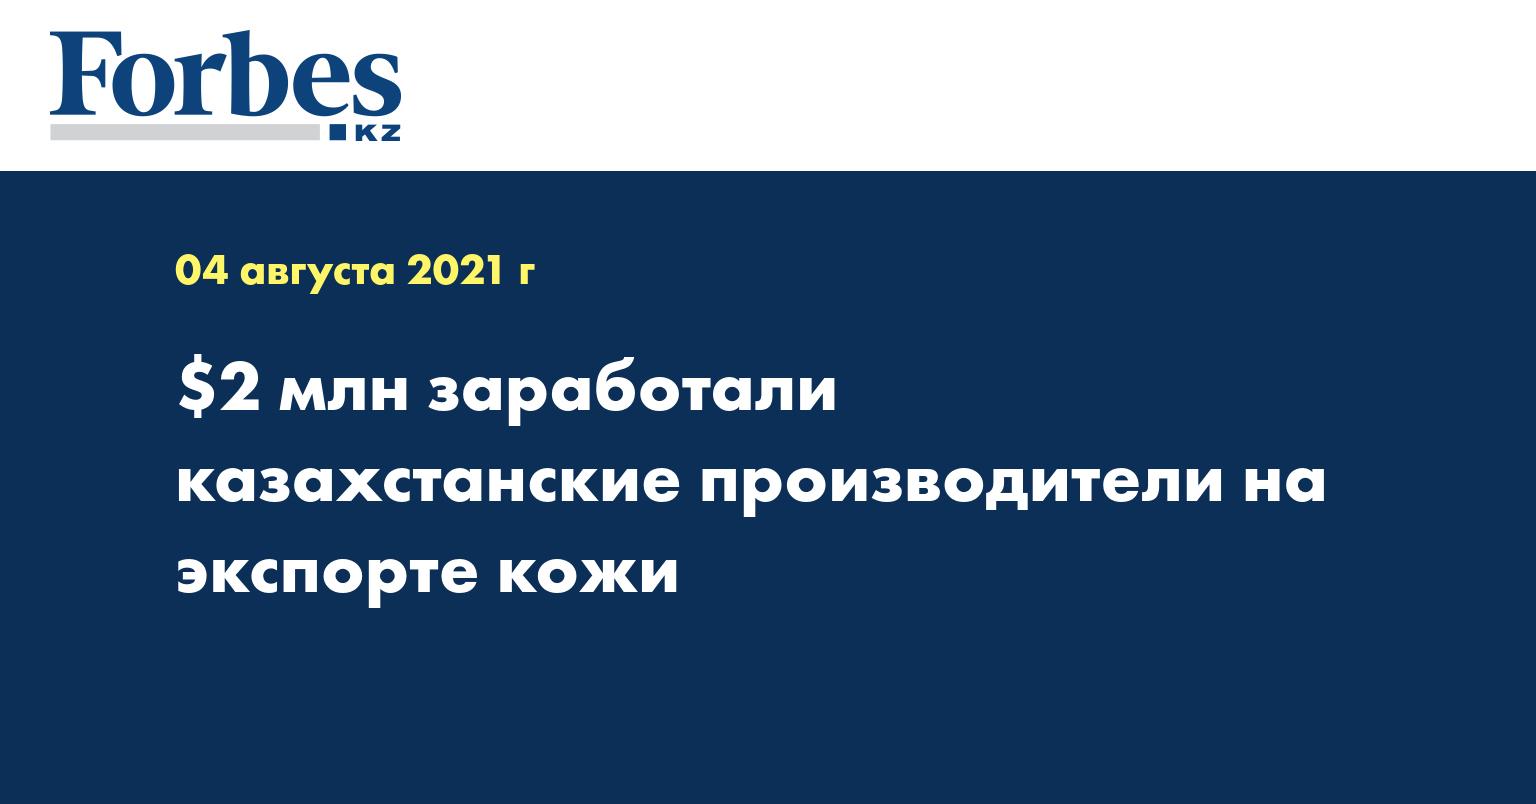 $2 млн заработали казахстанские производители на экспорте кожи